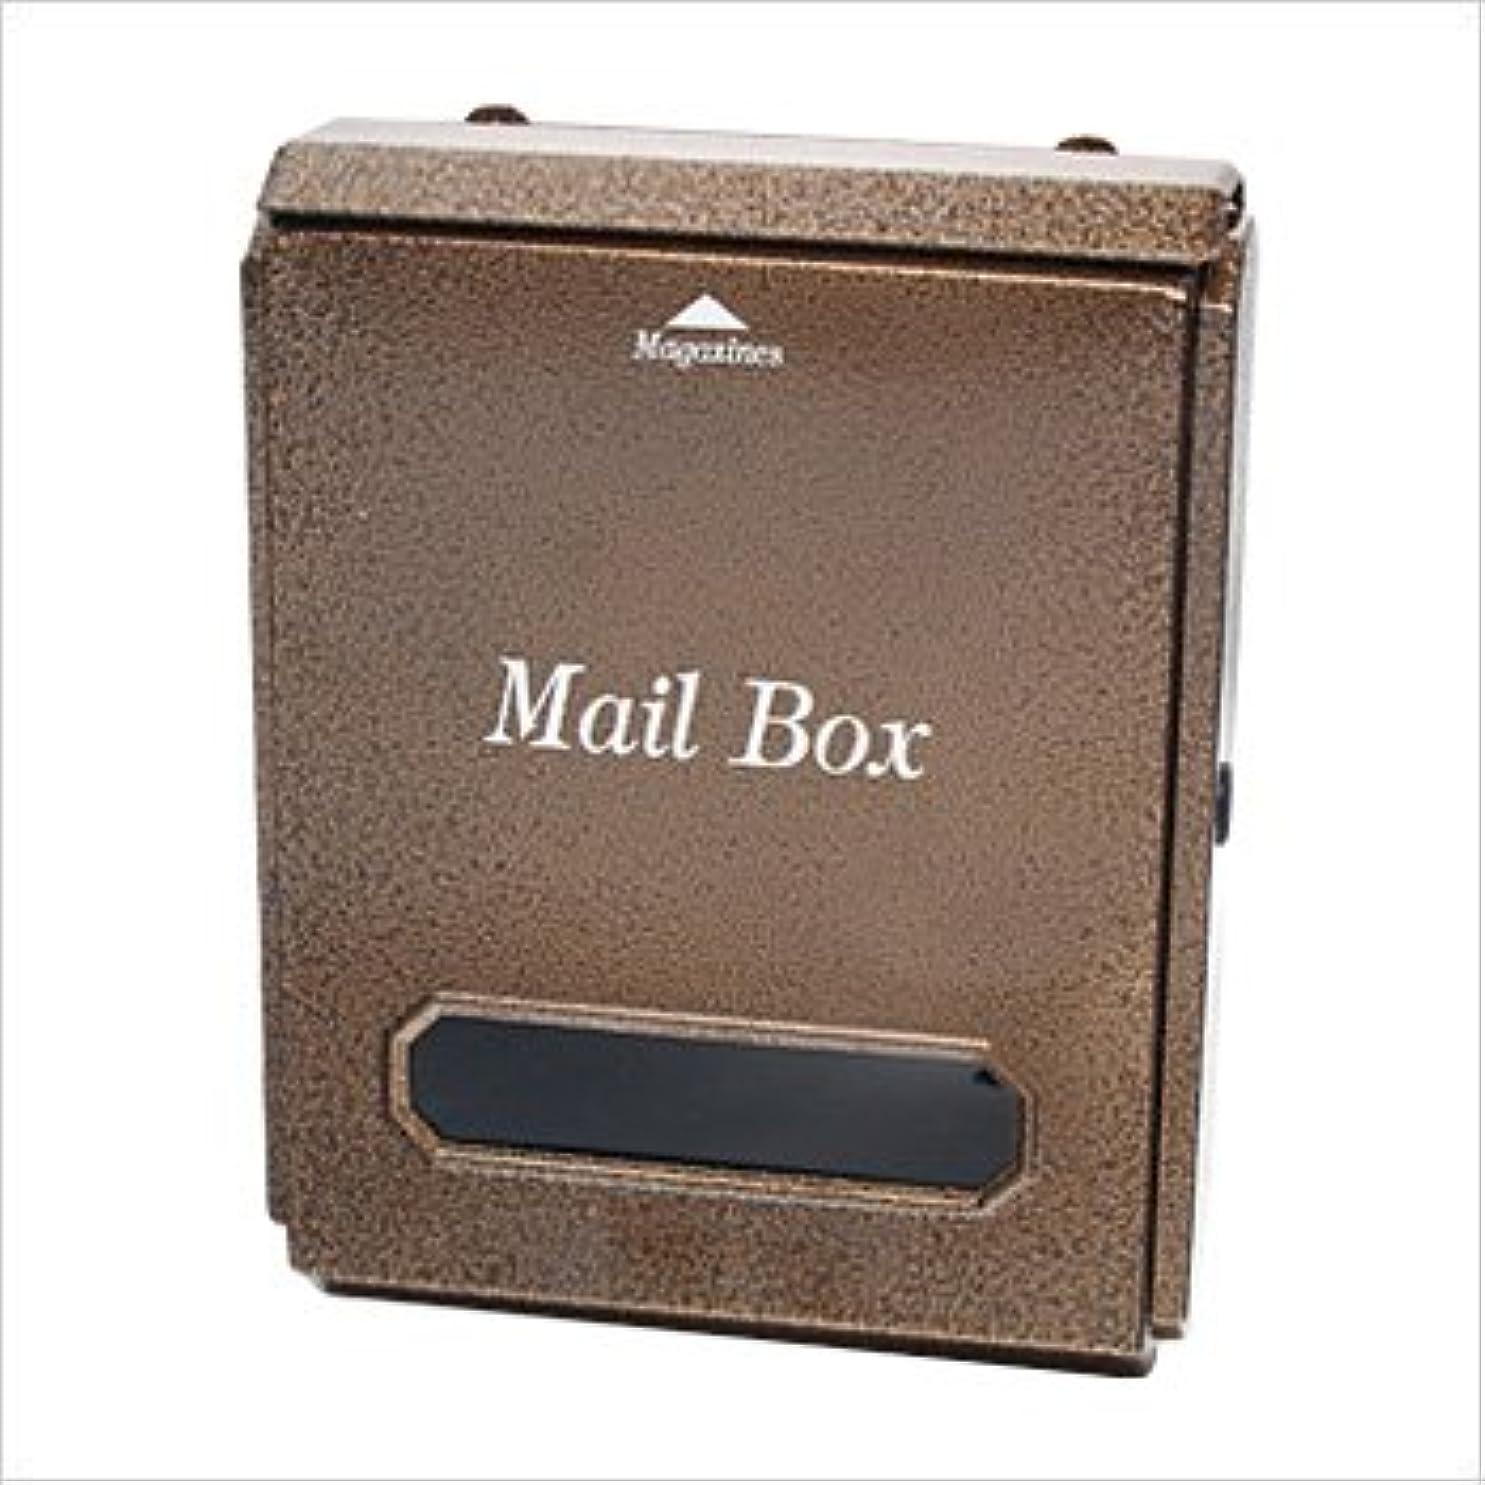 チャンバー憧れ彼女自身LEON (レオン) 壁掛け 郵便ポスト トラディショナルポスト シンプル壁掛けタイプ Mail Box LT-10